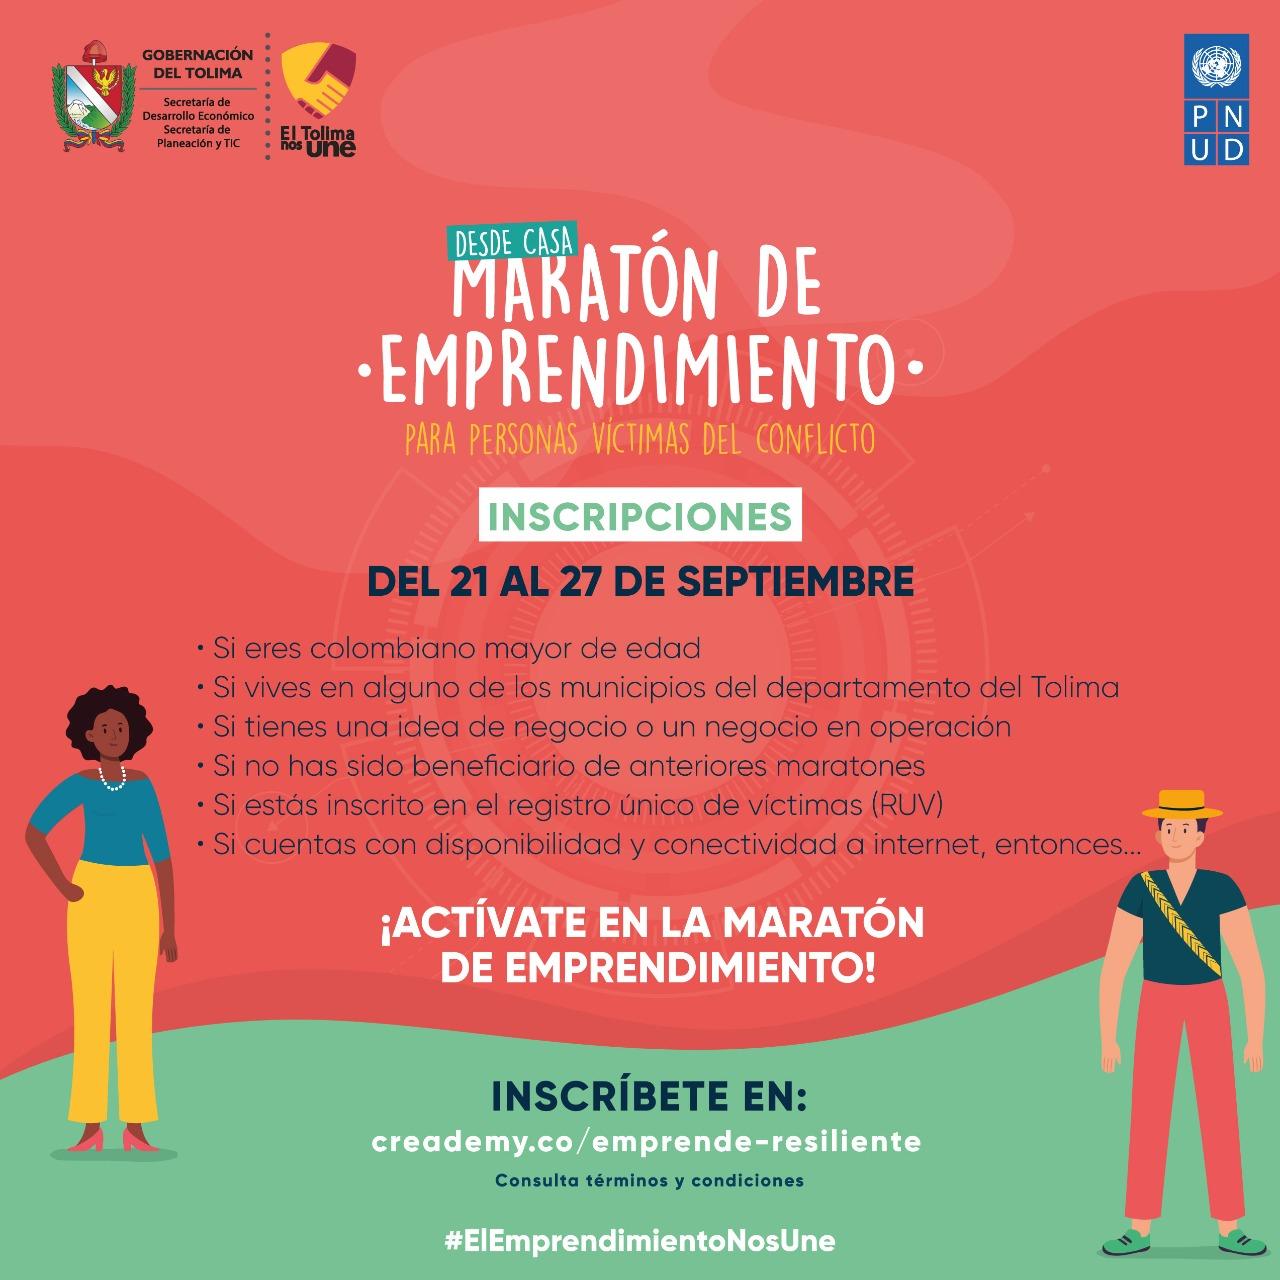 Hasta el 27 de septiembre, víctimas del conflicto podrán inscribirse en la Maratón de Emprendimiento 2